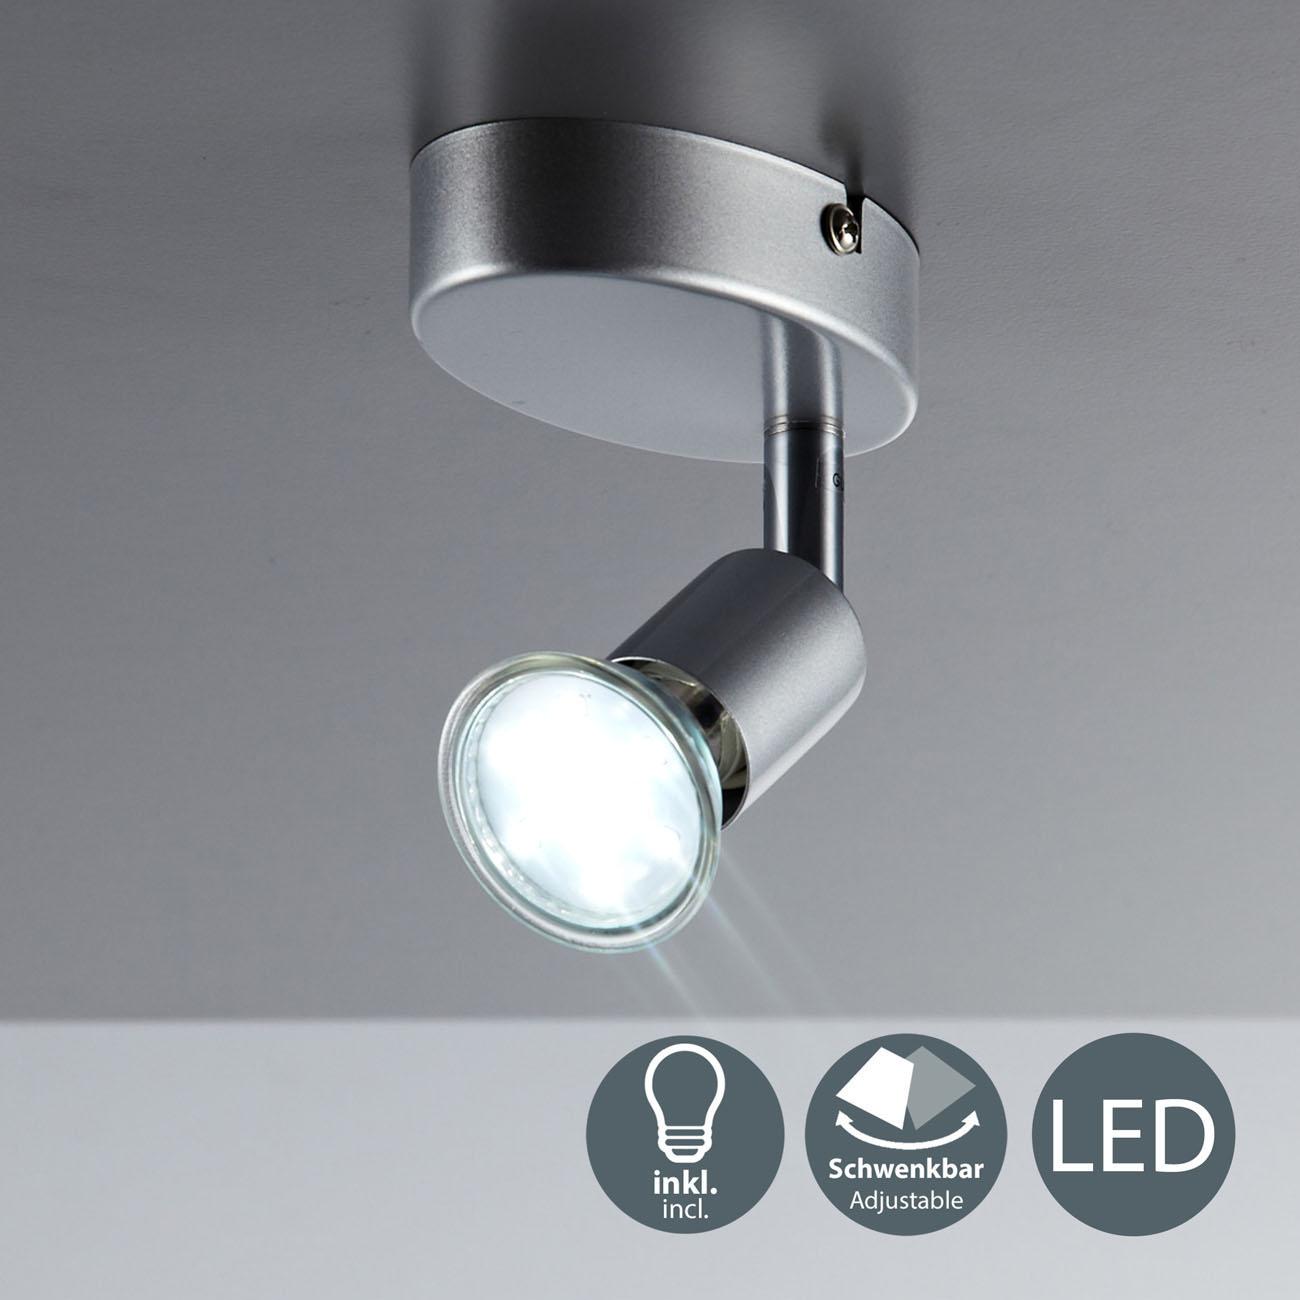 LED Deckenstrahler Deckenspot 1-flammig matt-nickel - 3